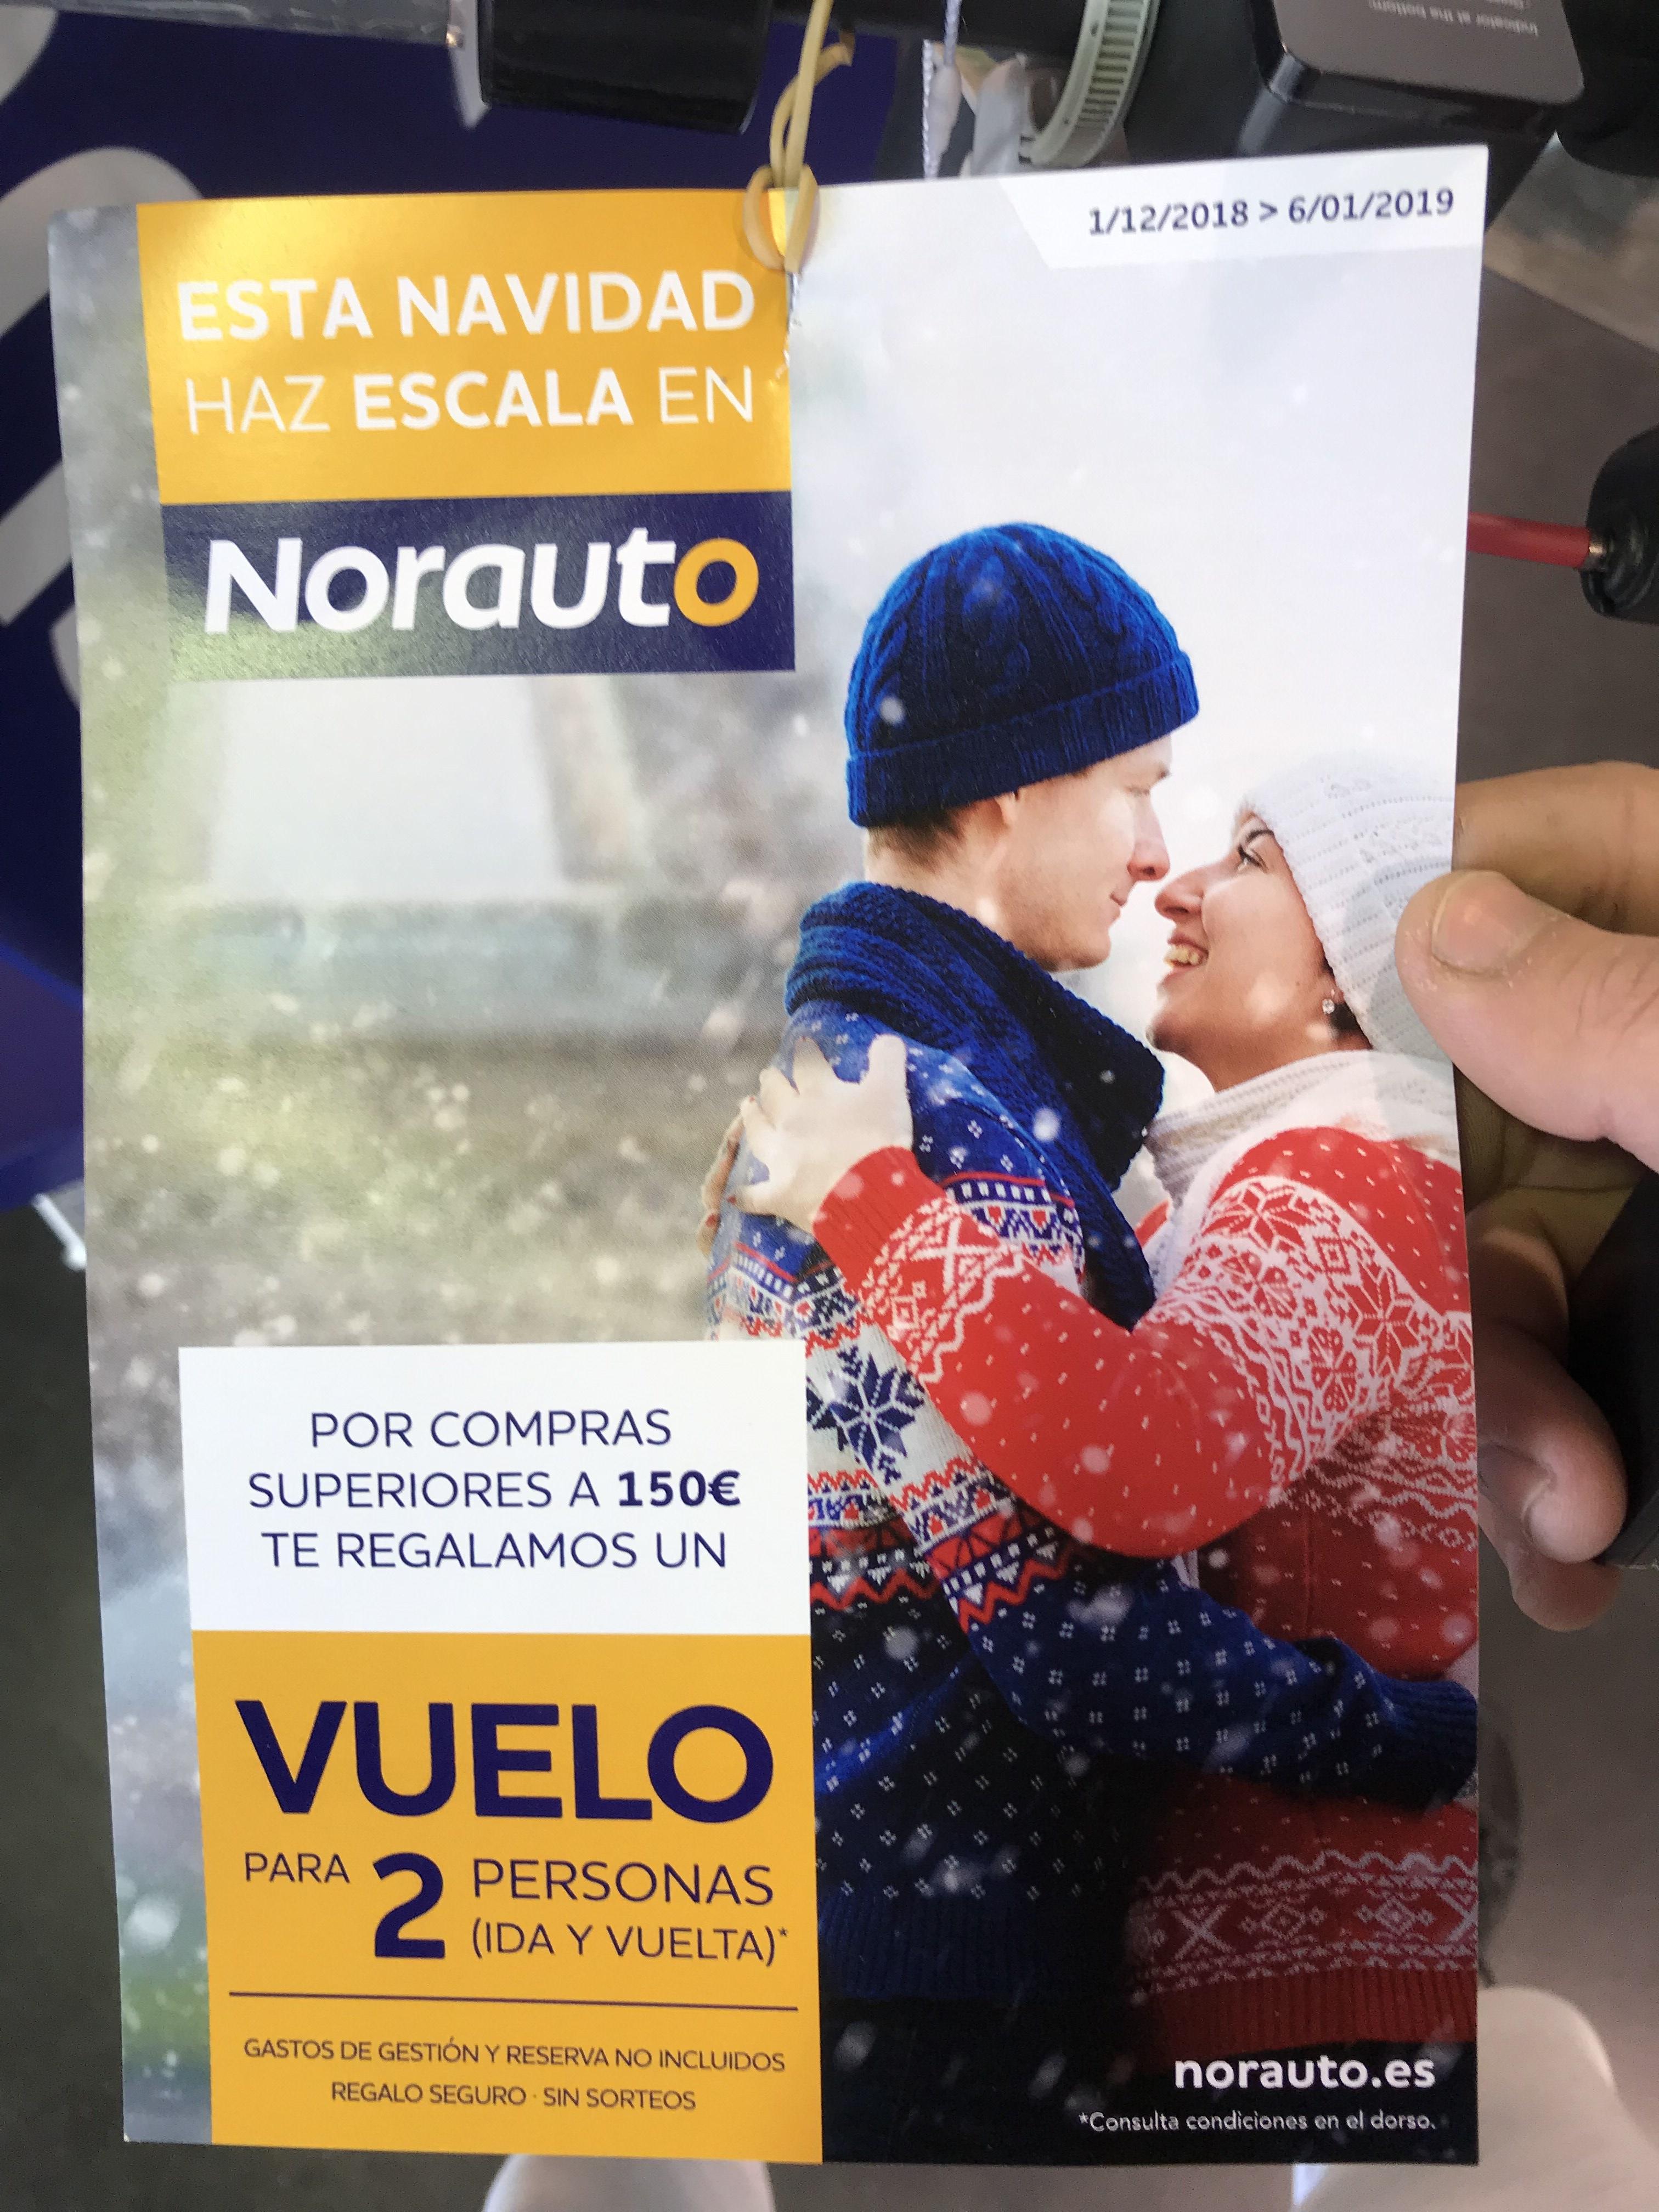 Vuelo para 2 personas por España compra superior a 150€